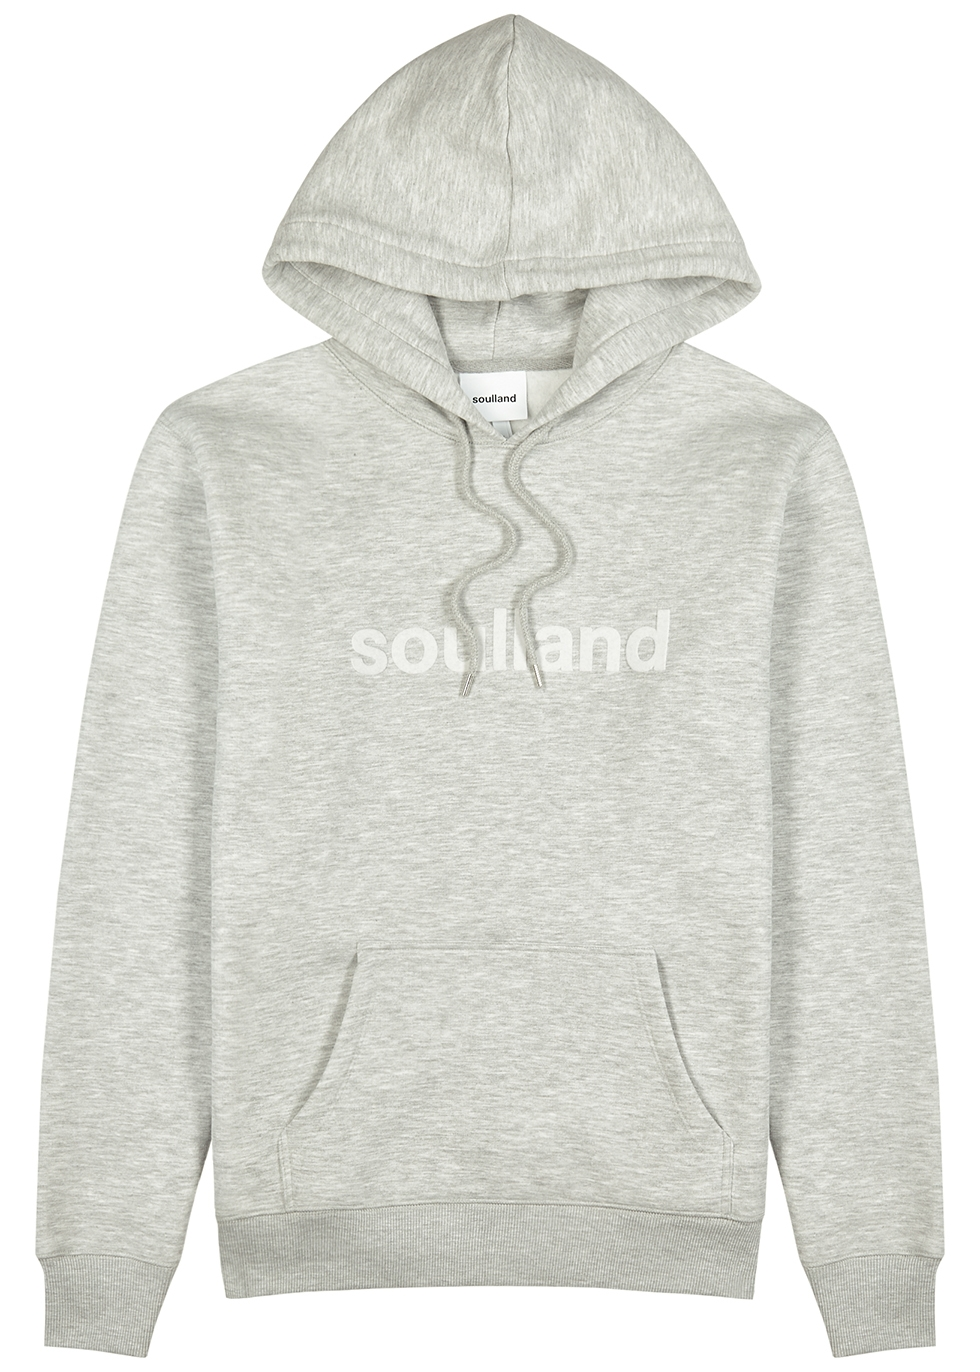 Googie grey hooded jersey sweatshirt